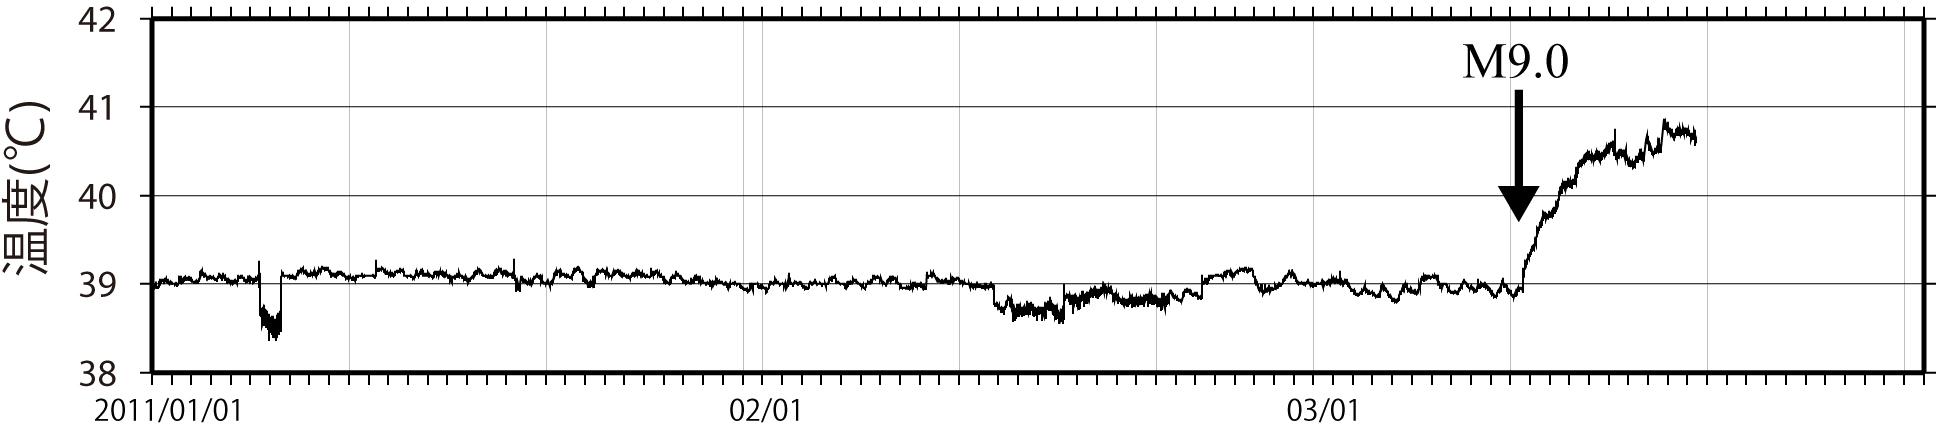 箱根湯本の観測点における温泉温度の推移